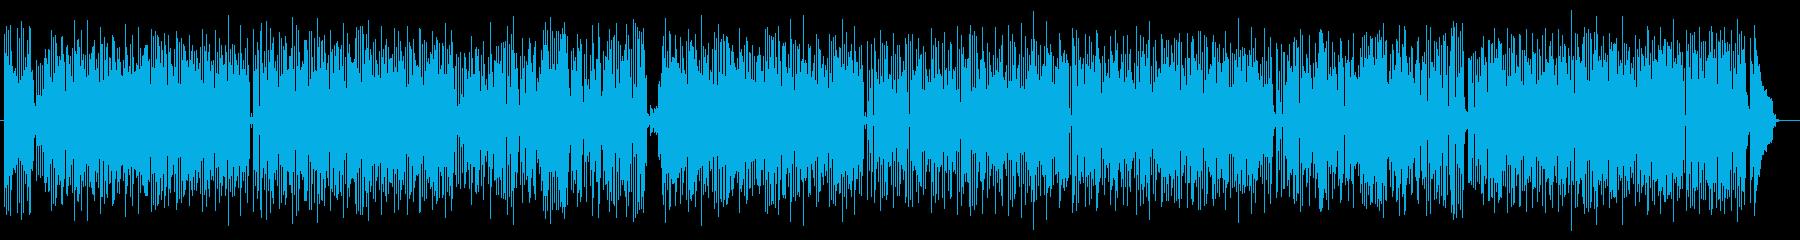 懐メロ風で昭和テイストなポップスの再生済みの波形